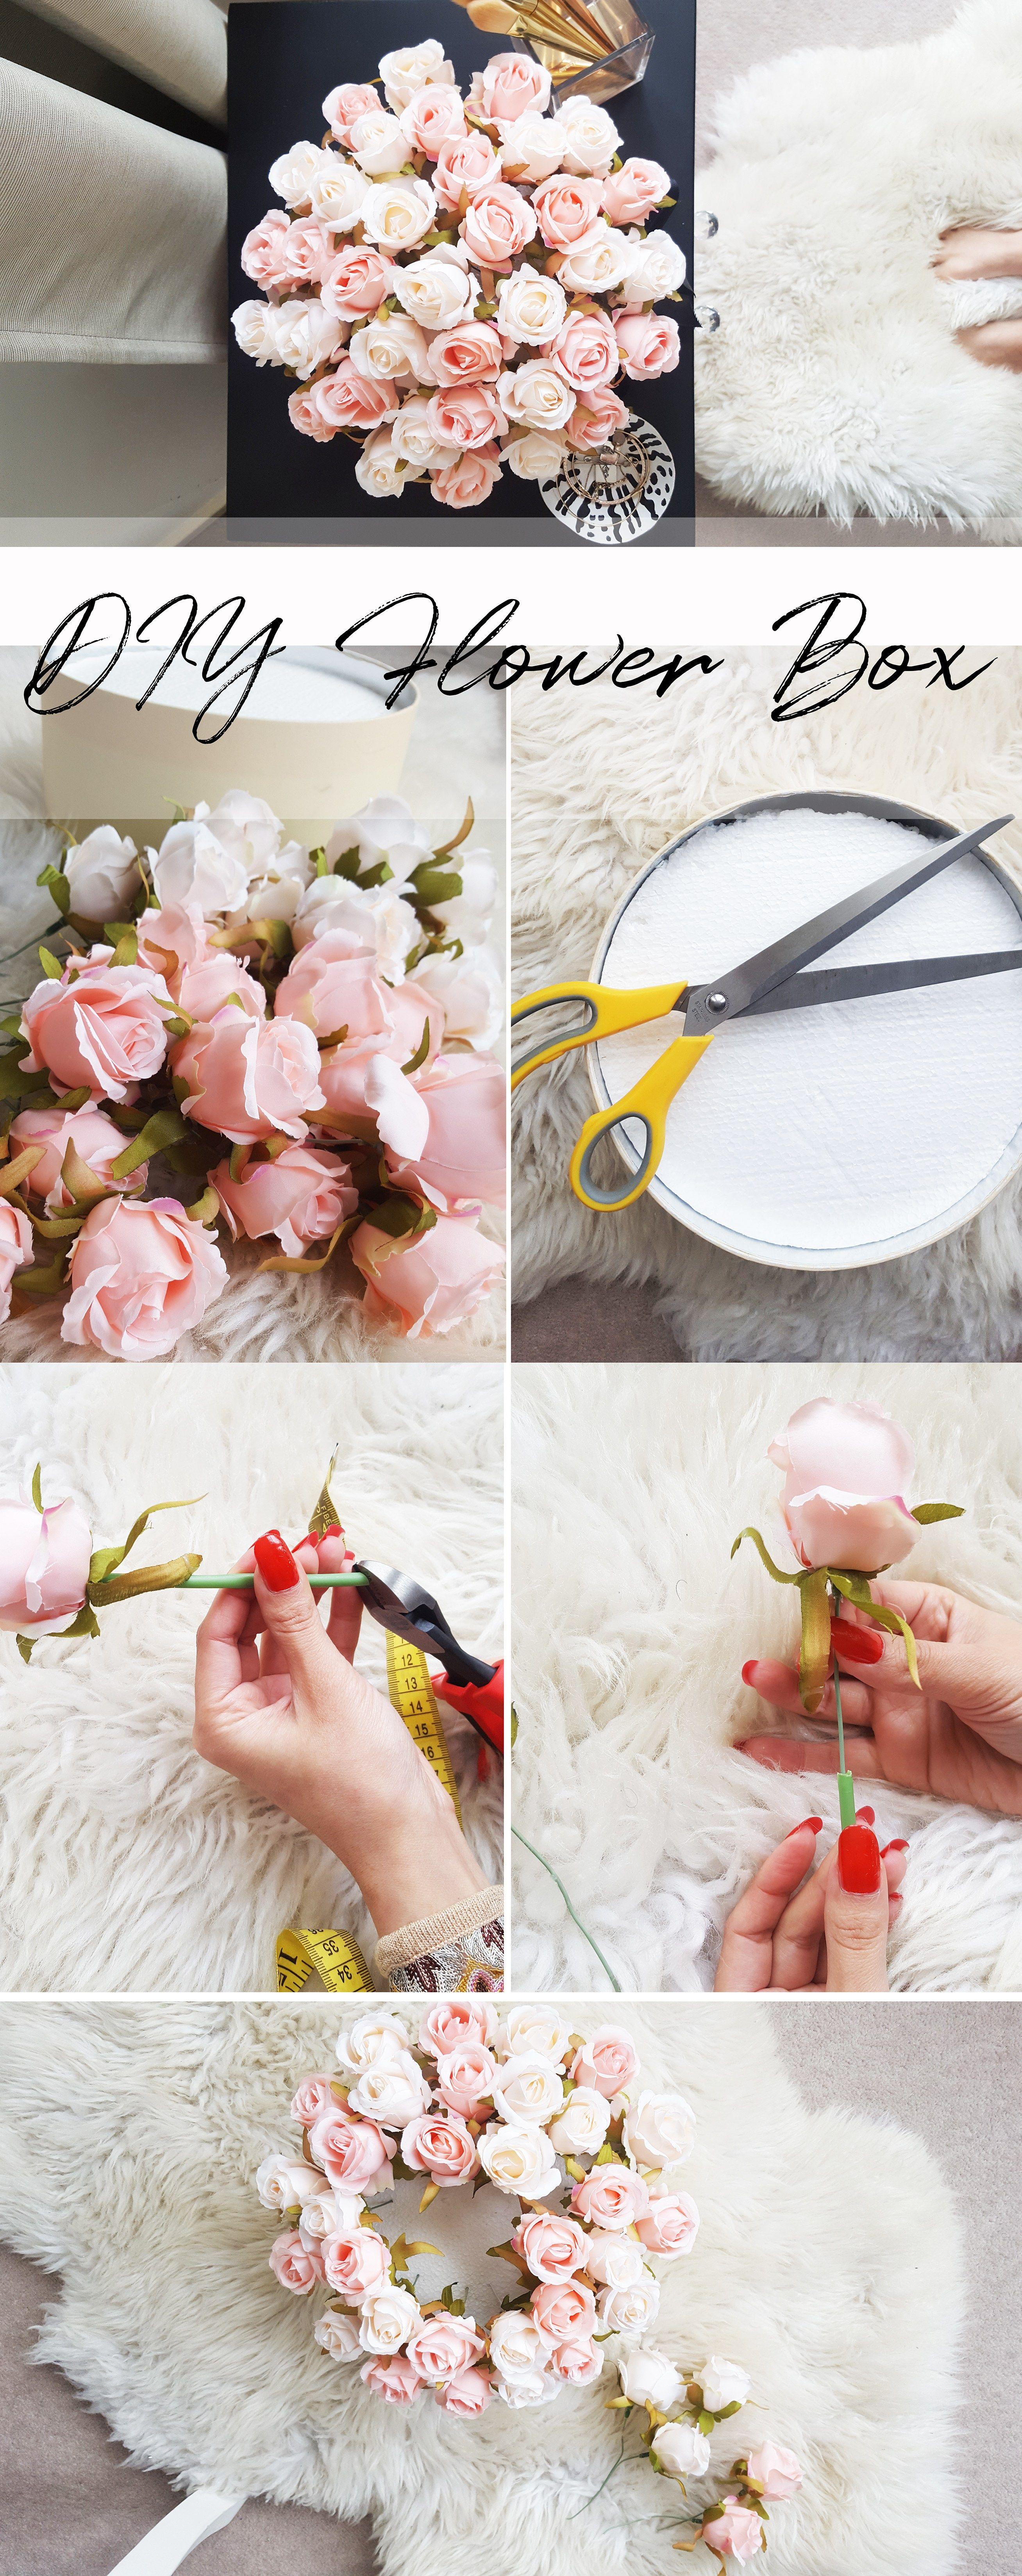 DIY Flower Box Flower box gift, Diy flower boxes, Diy roses